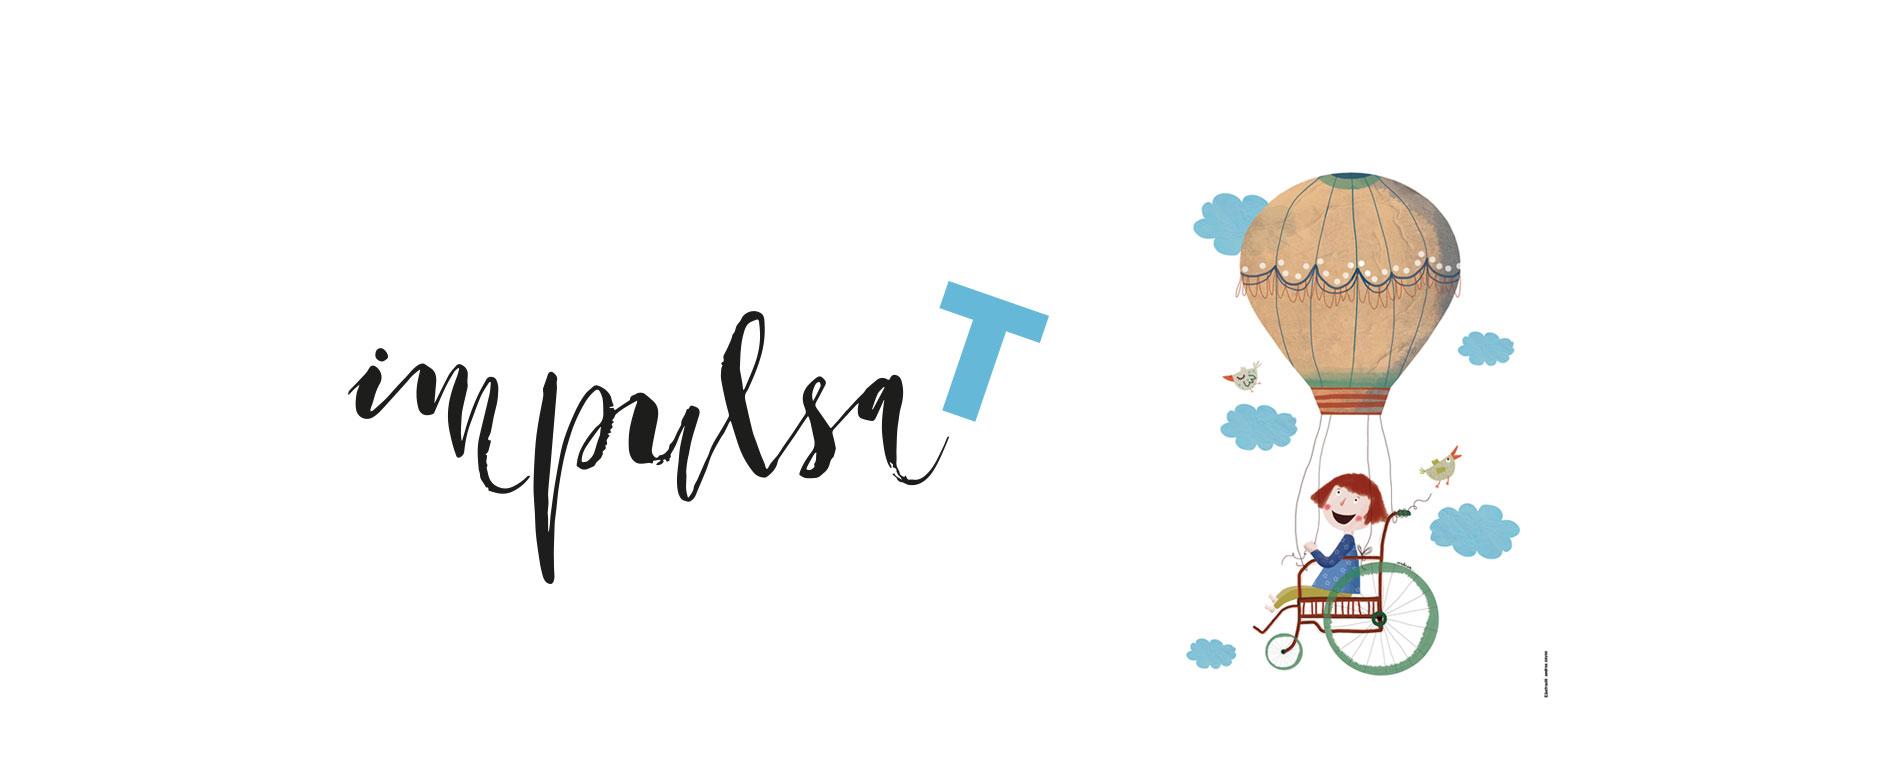 Logo d'Impulsate amb una nena en cadira de rodes volant en globus.